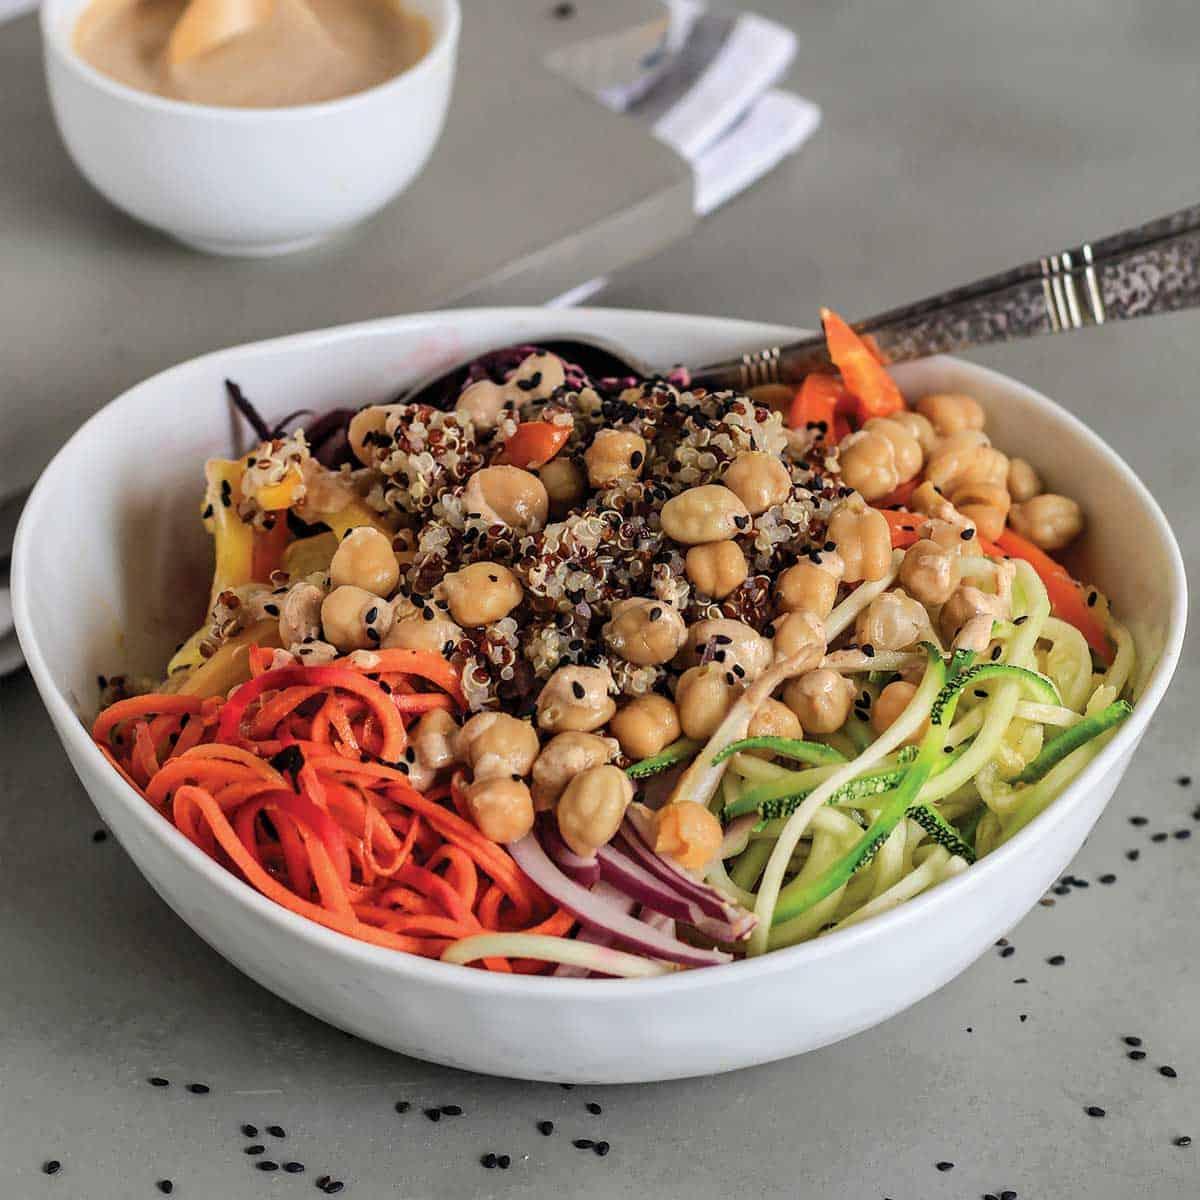 Veggie spiral salad in a bowl